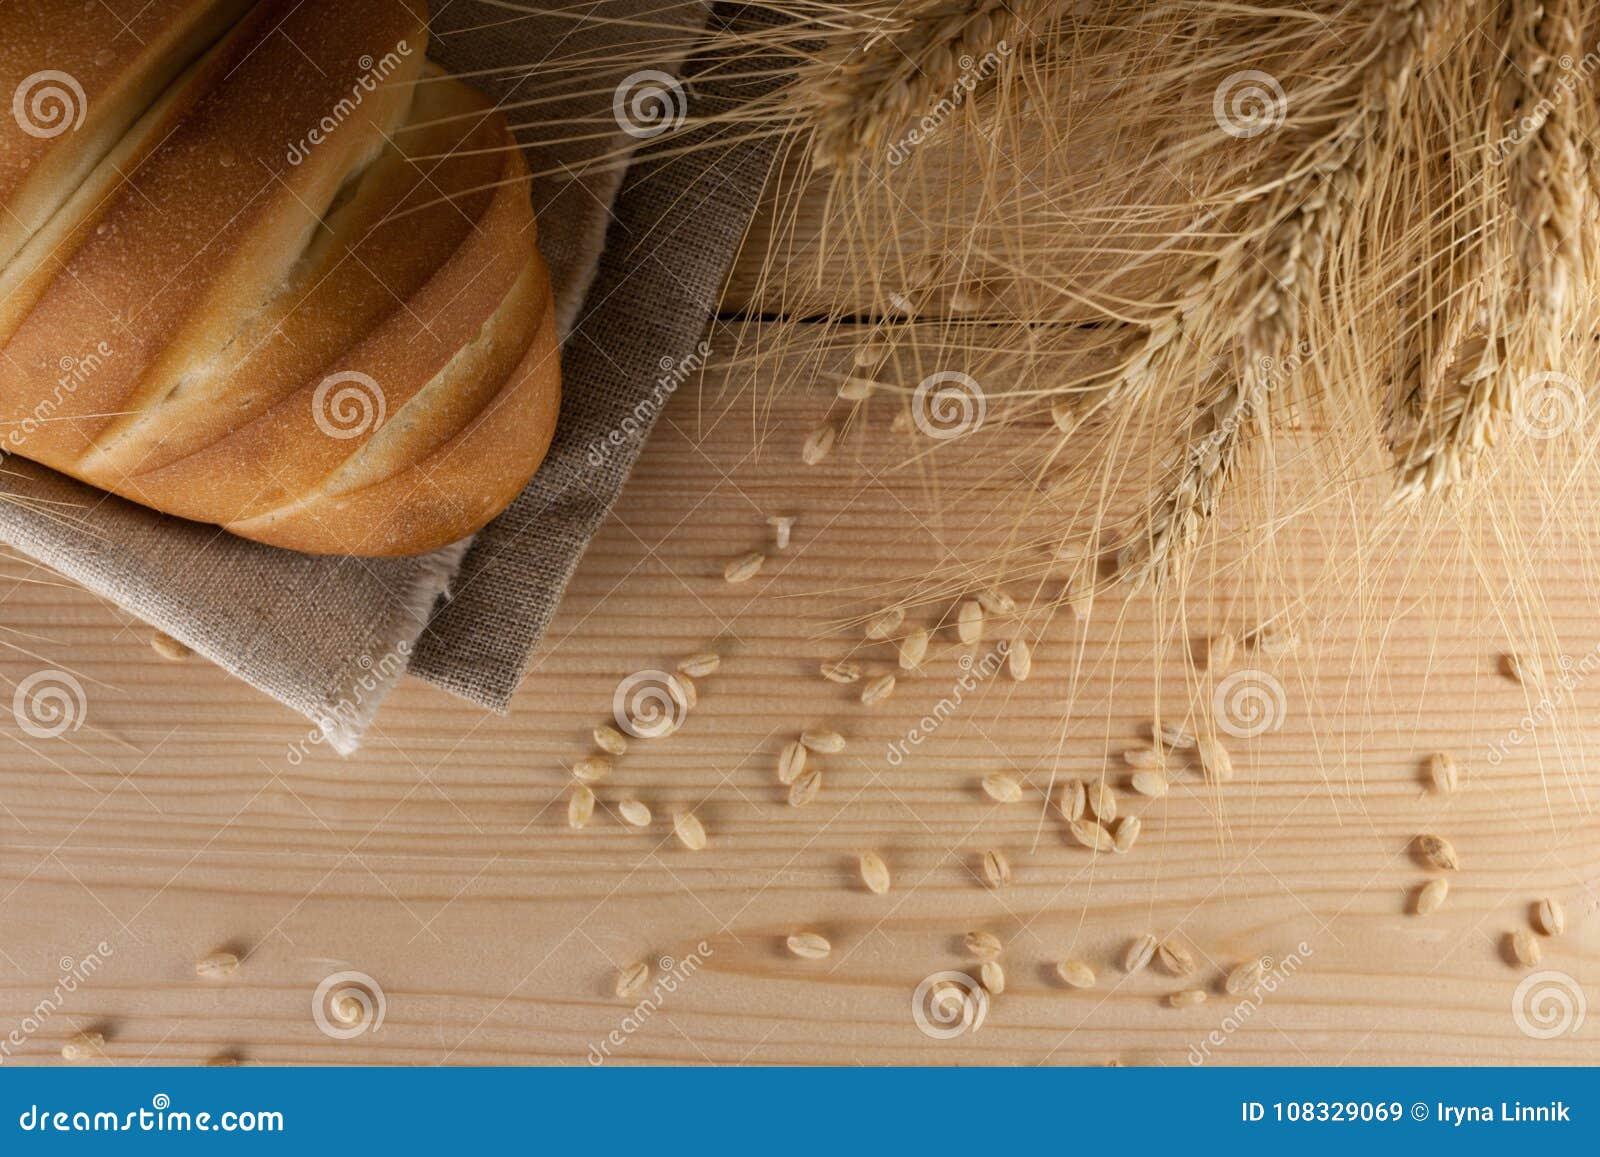 Hoogste mening van heerlijke aromatische verse baguette, brood en tarwe op houten lijst copyspace, tekstruimte baksel, ingrediënt